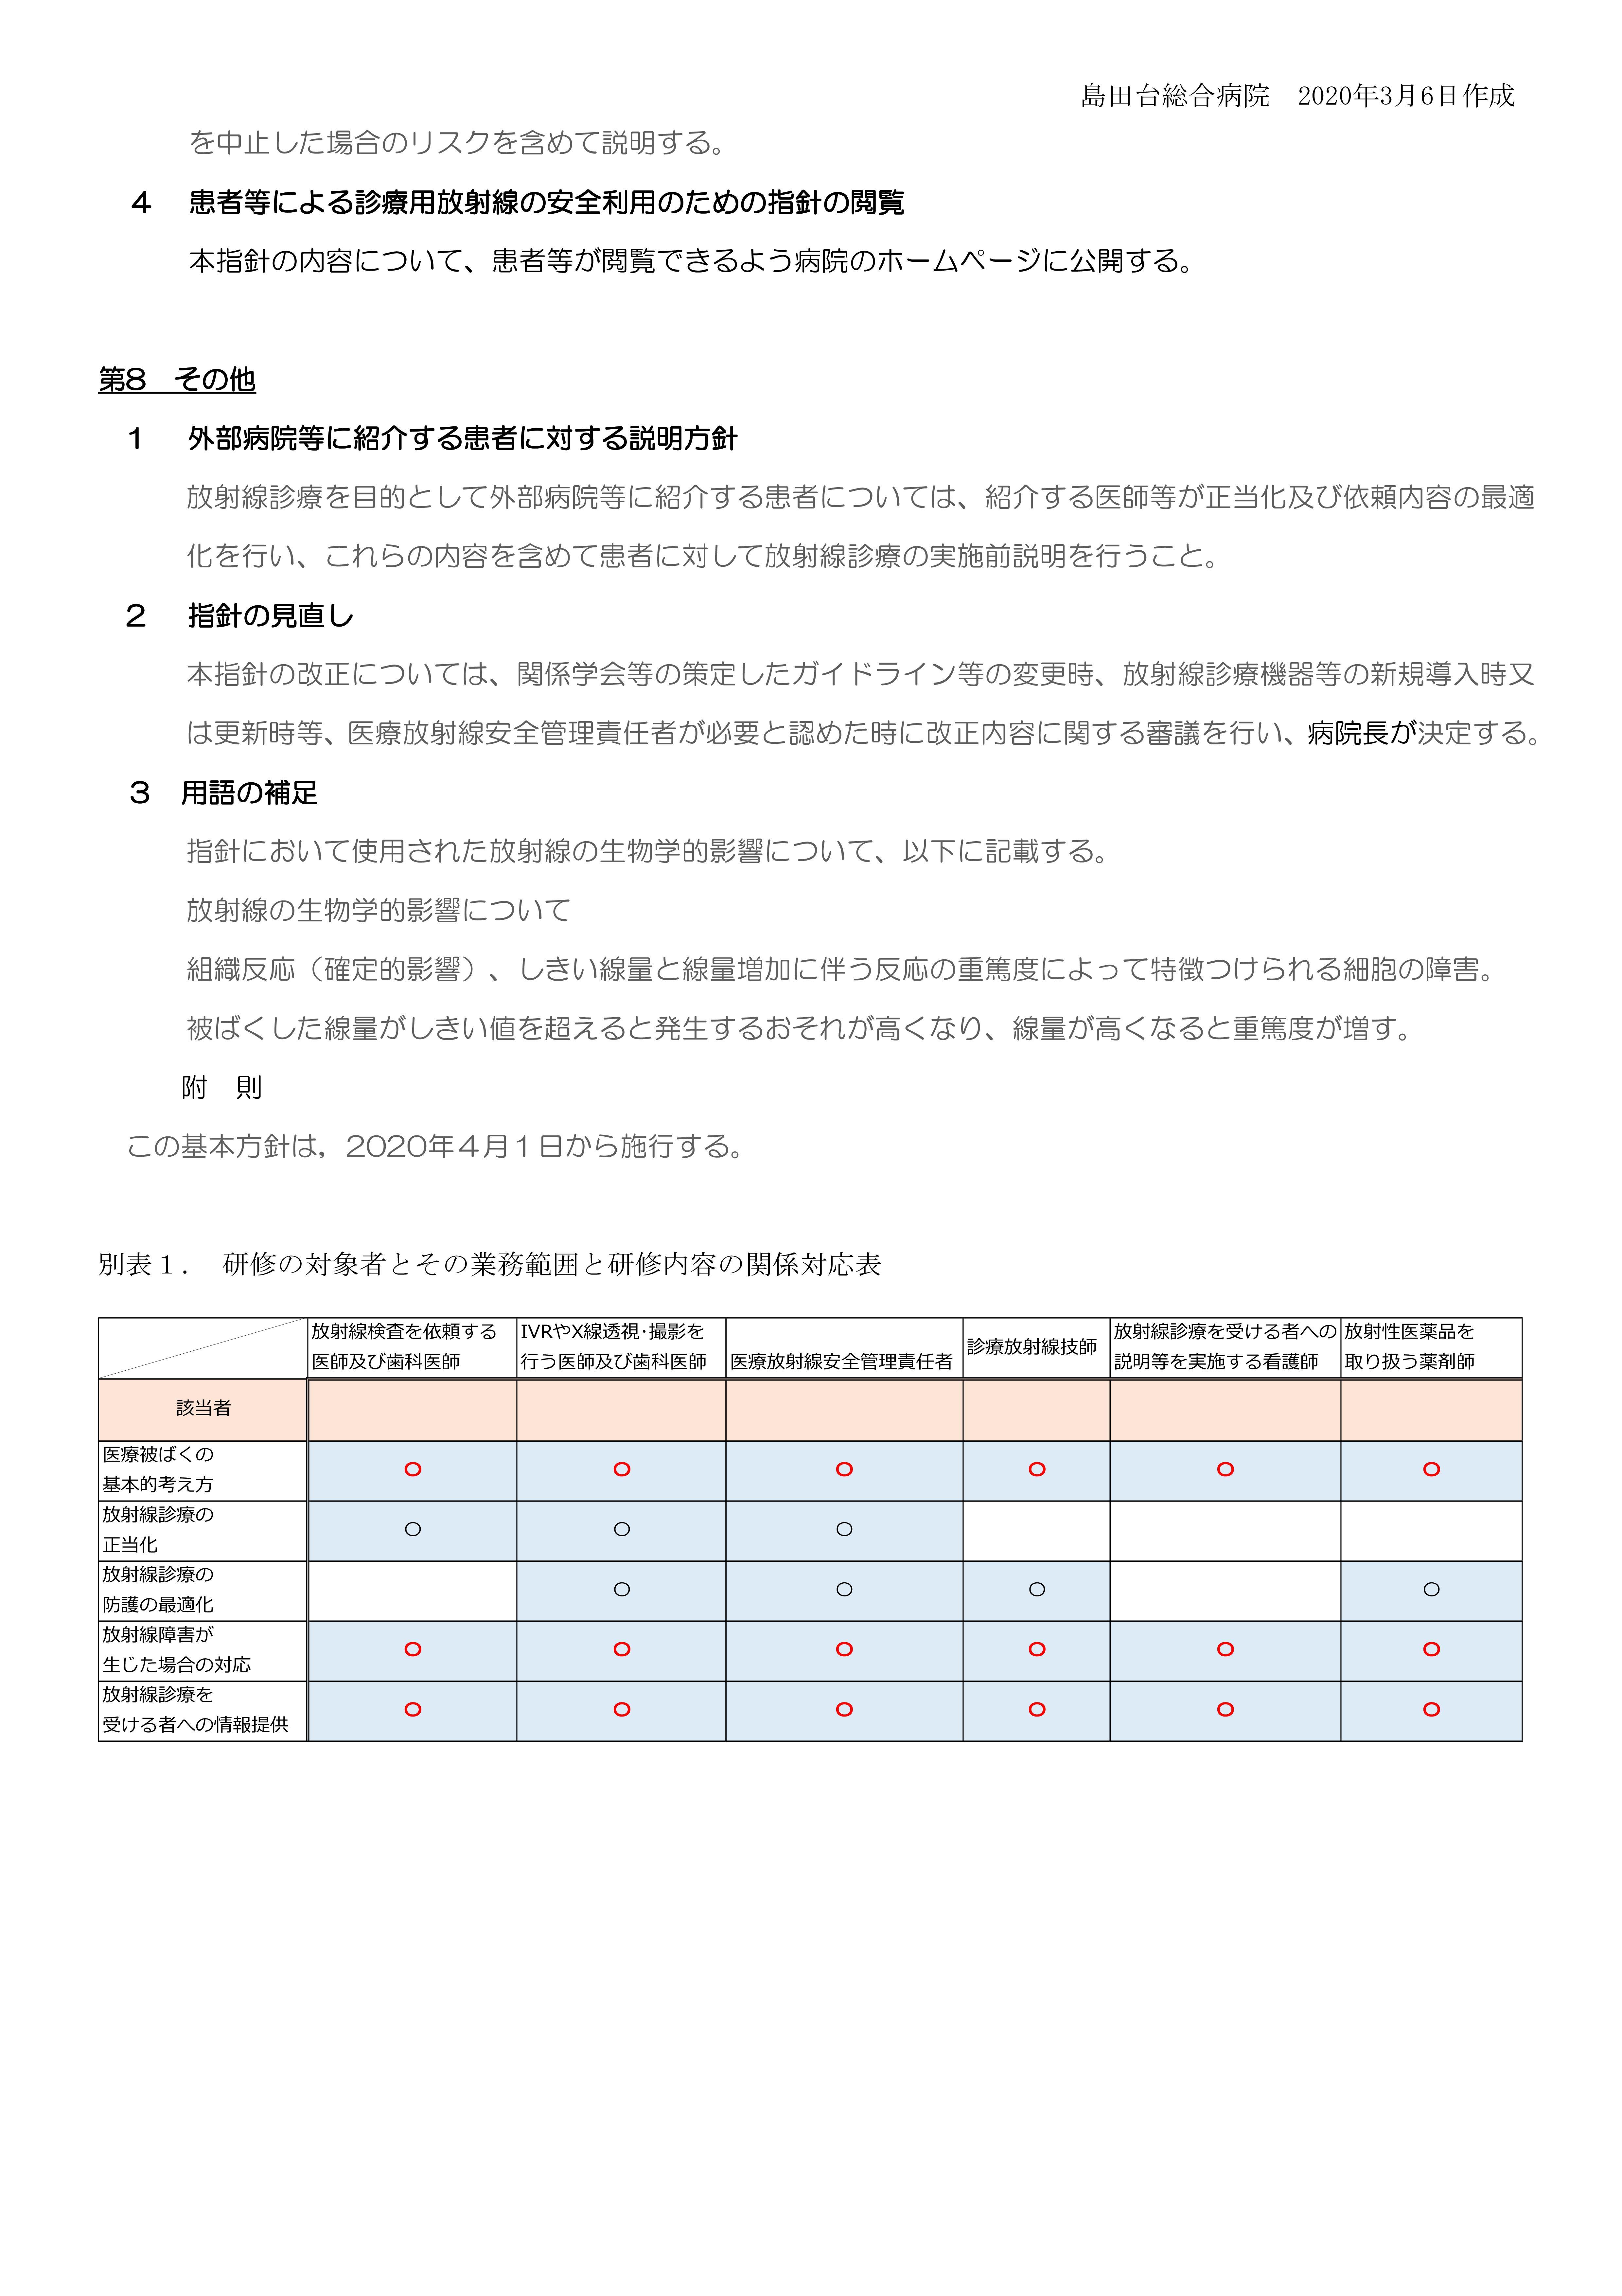 医療放射線安全管理に関する指針-04